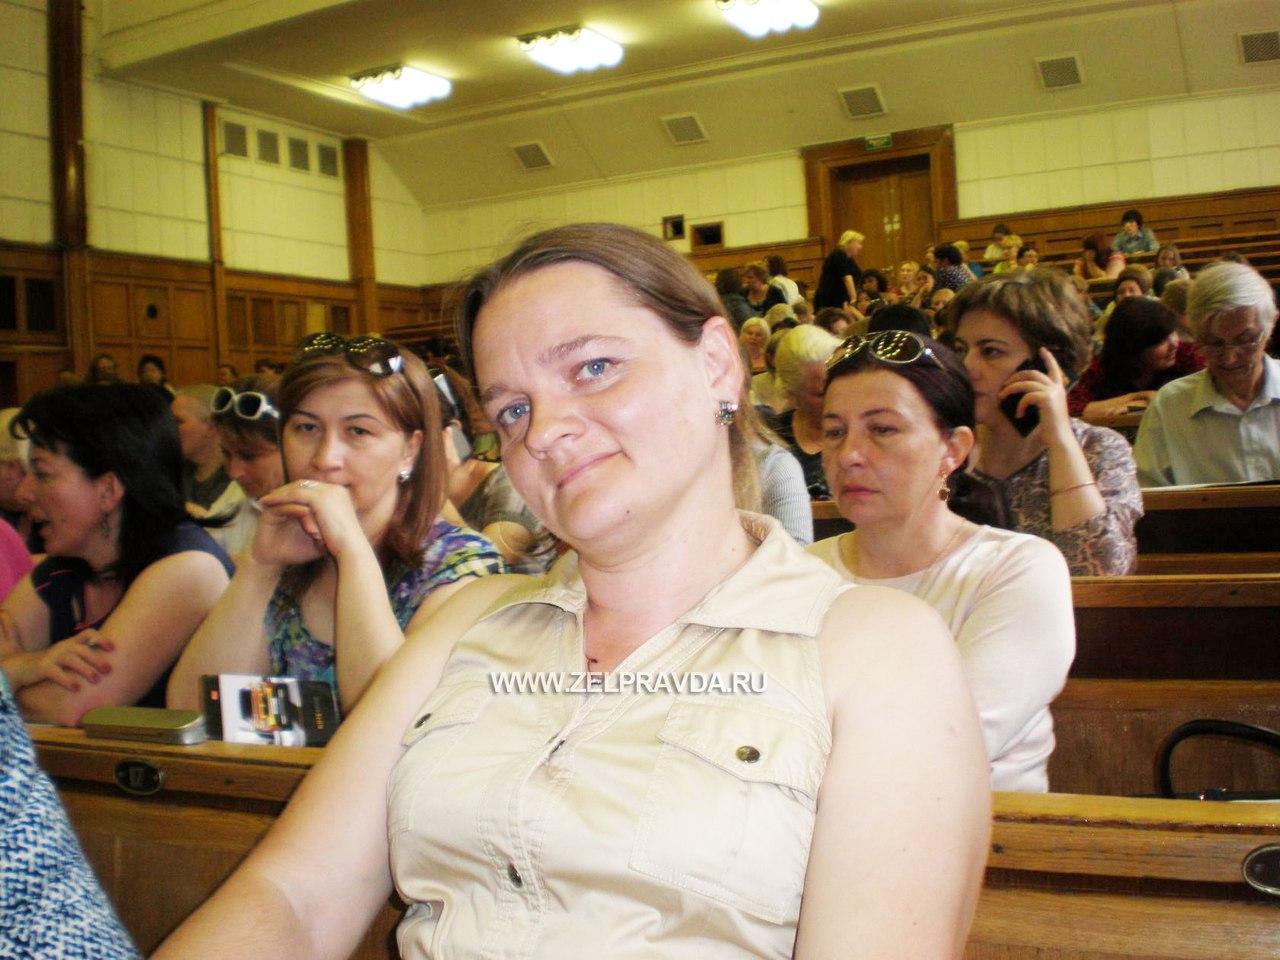 Математики из Зеленчукского района побывали на стажировке в Москве